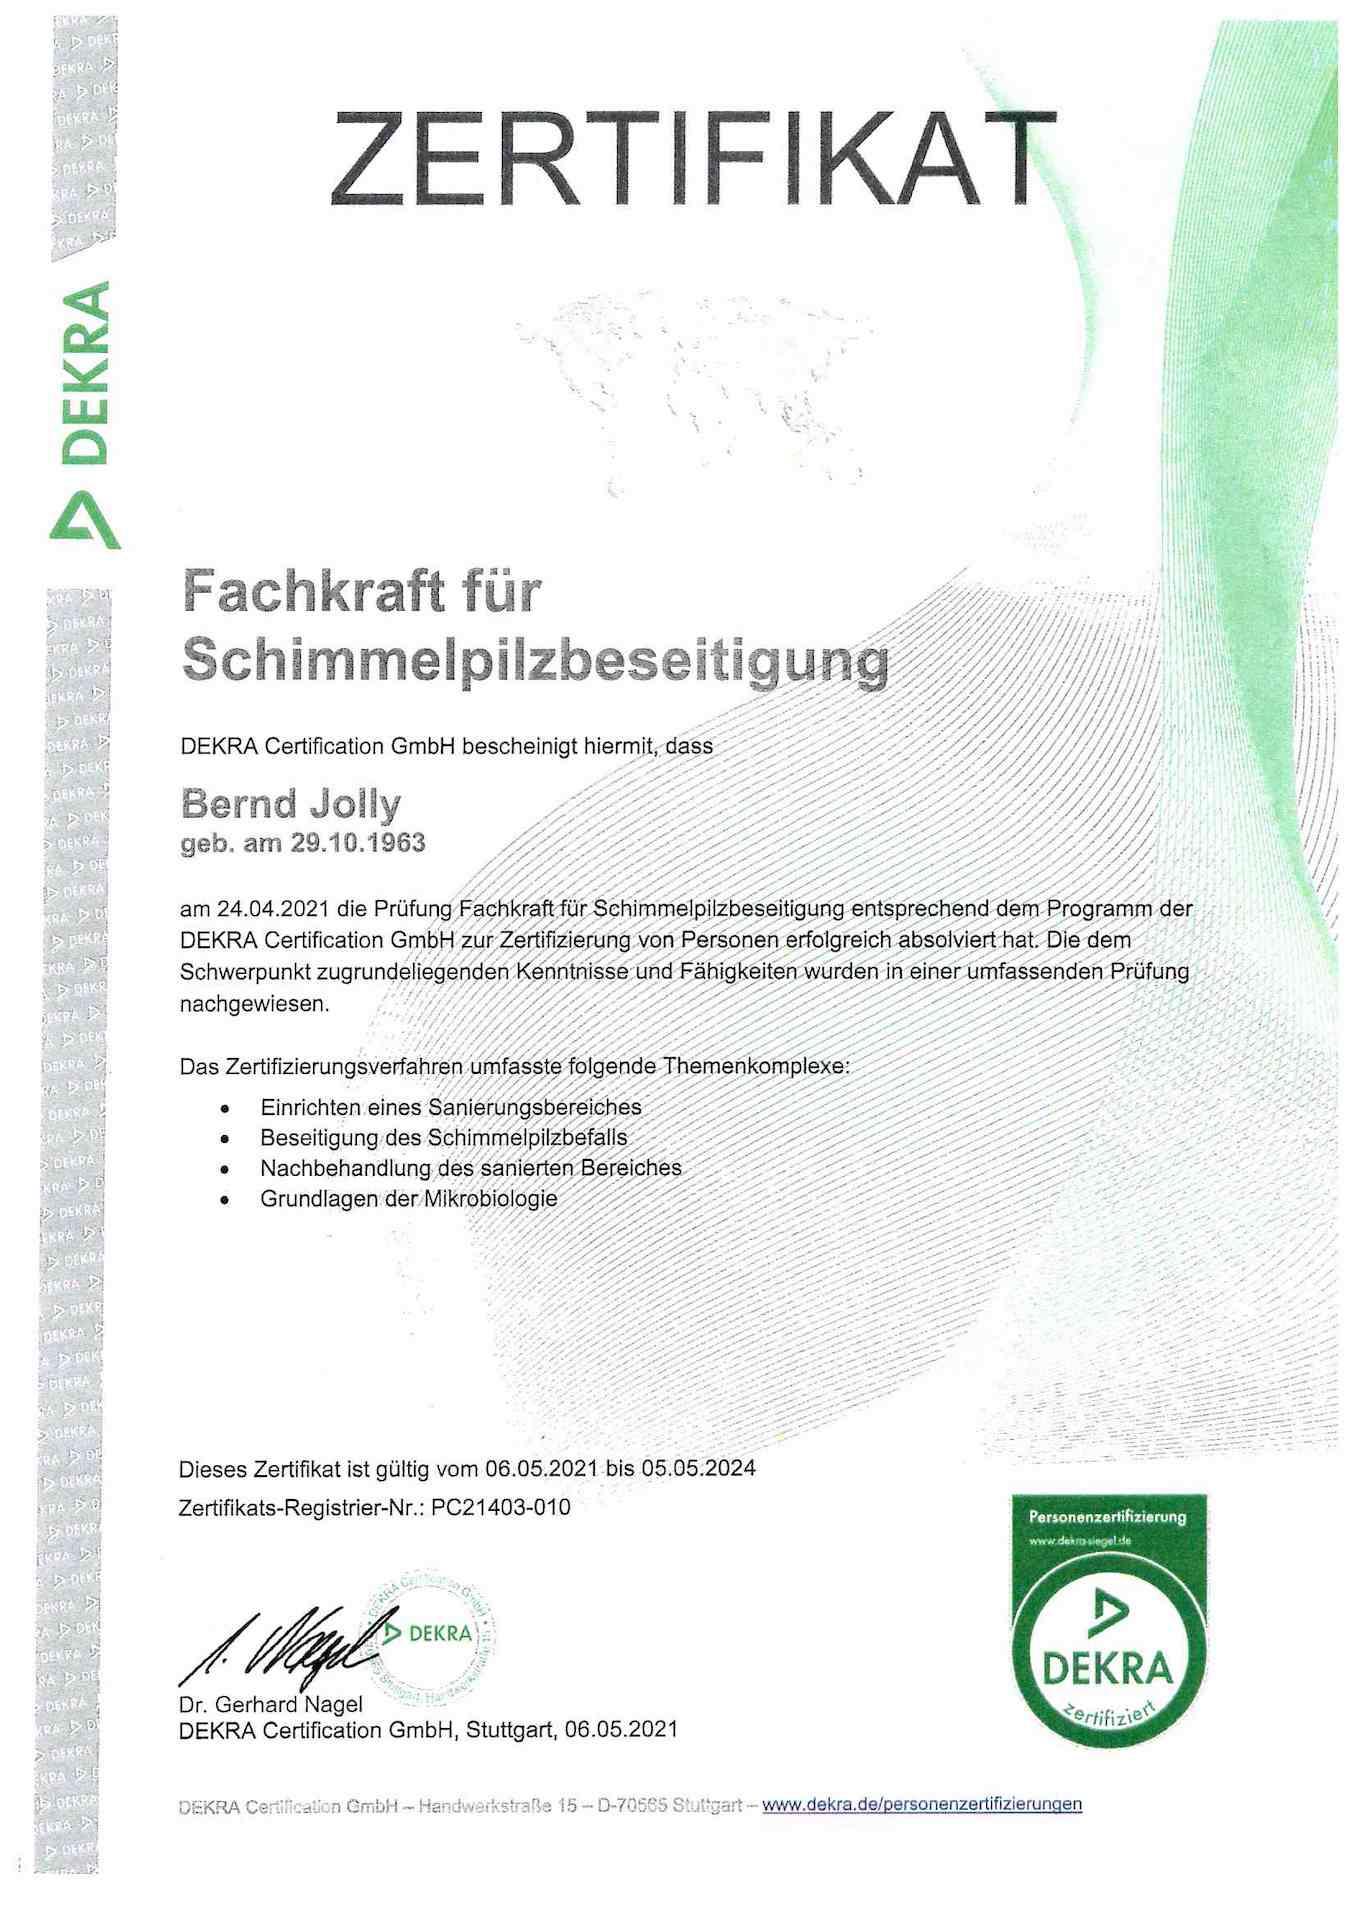 Zertifikat_Fachkraft für Schimmelpilzbeseitigung